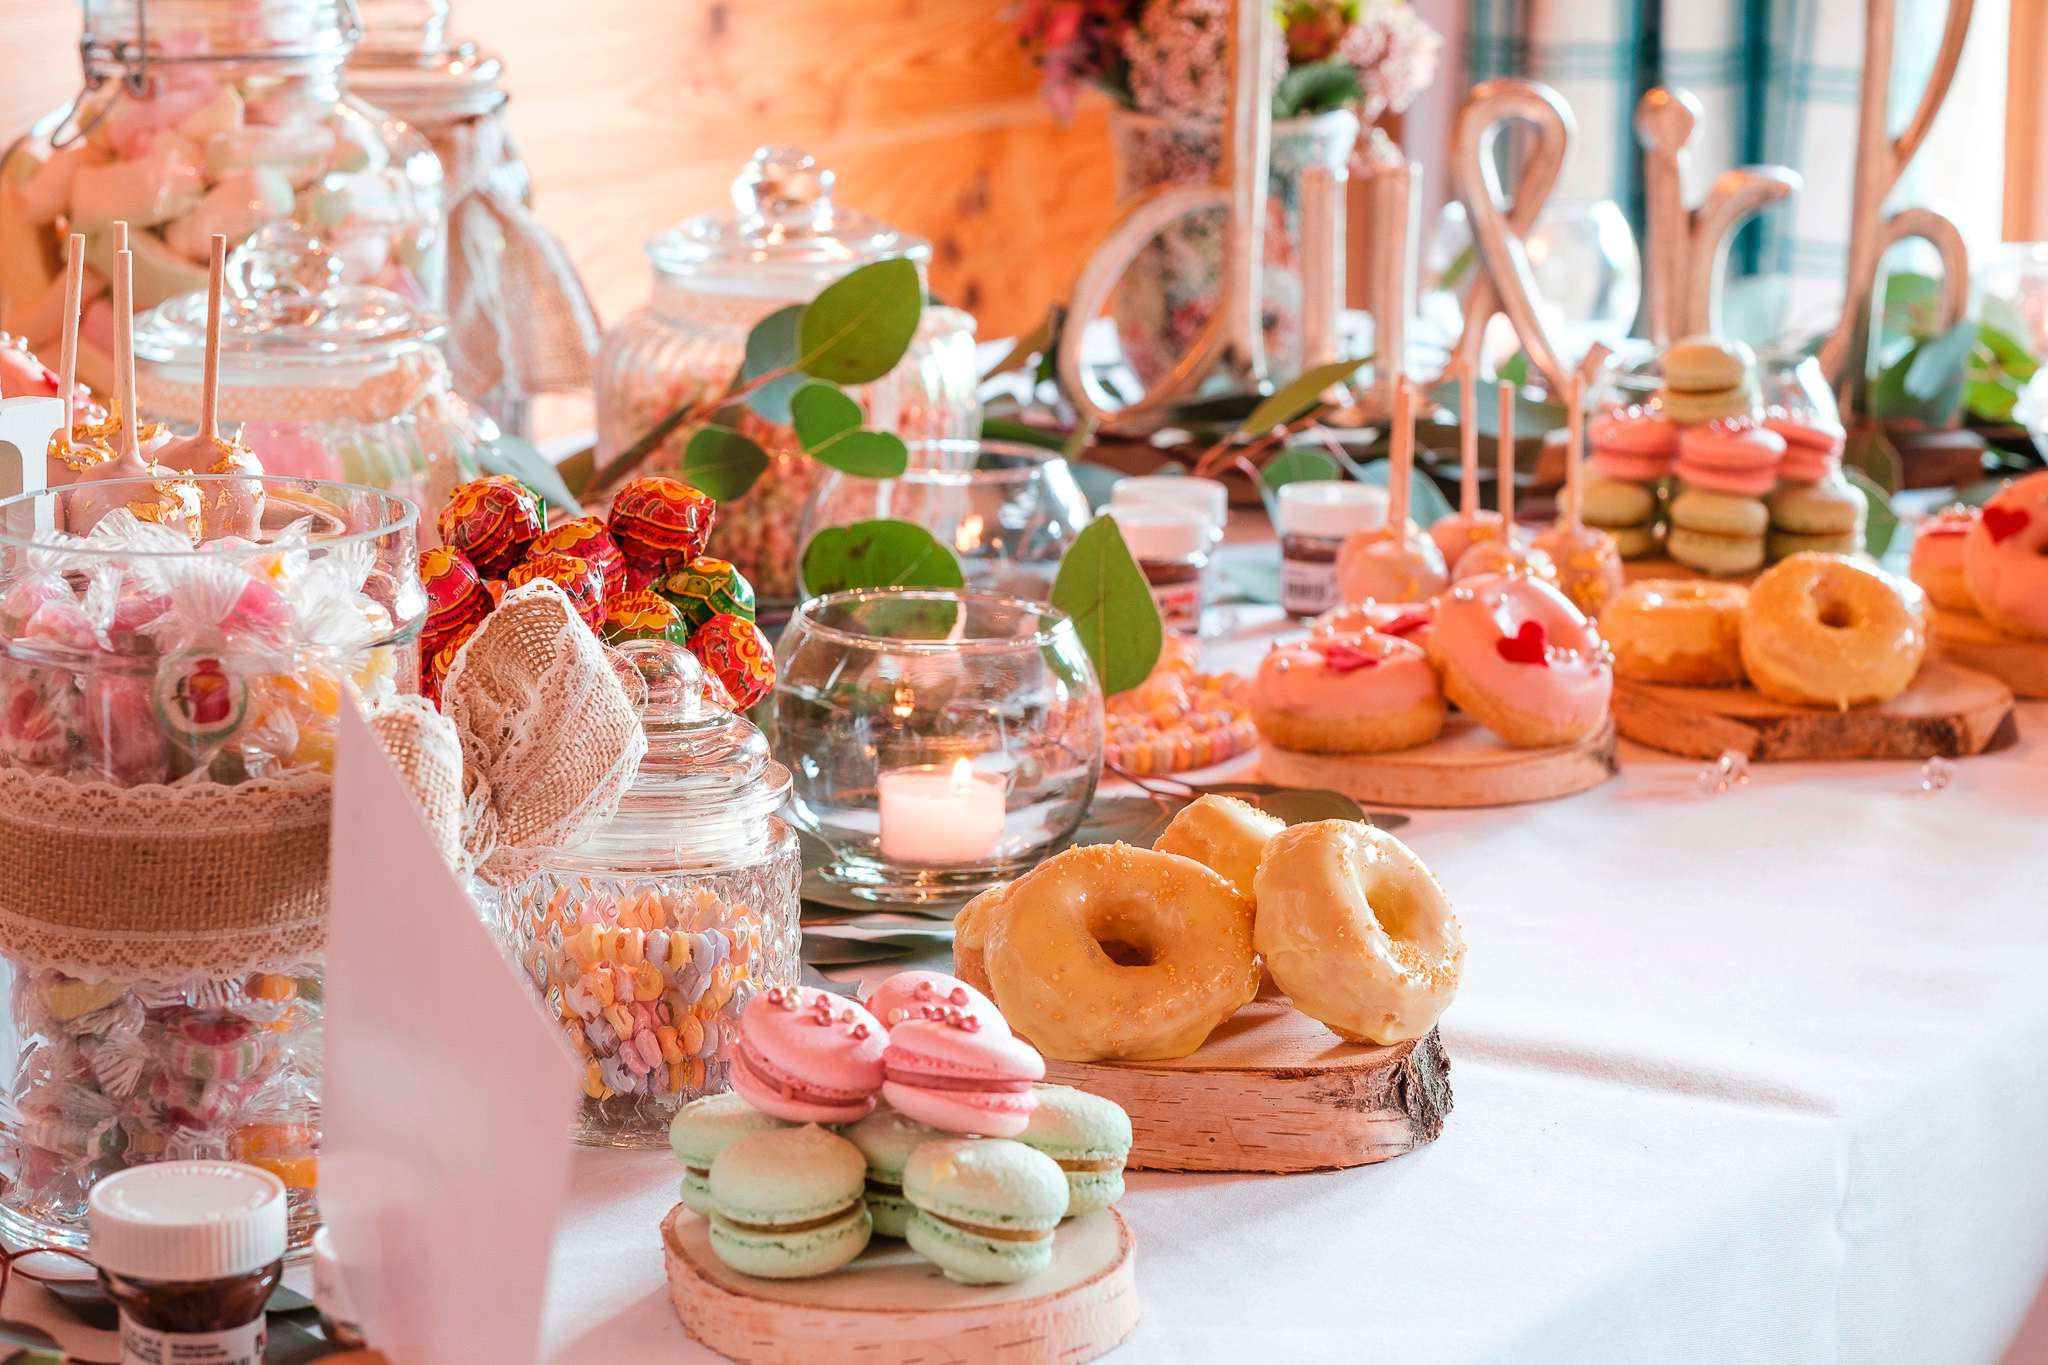 Das Candy Buffet im Sonnenalp Resort mit Donuts, Macarons und verschiedenen Bonbons.